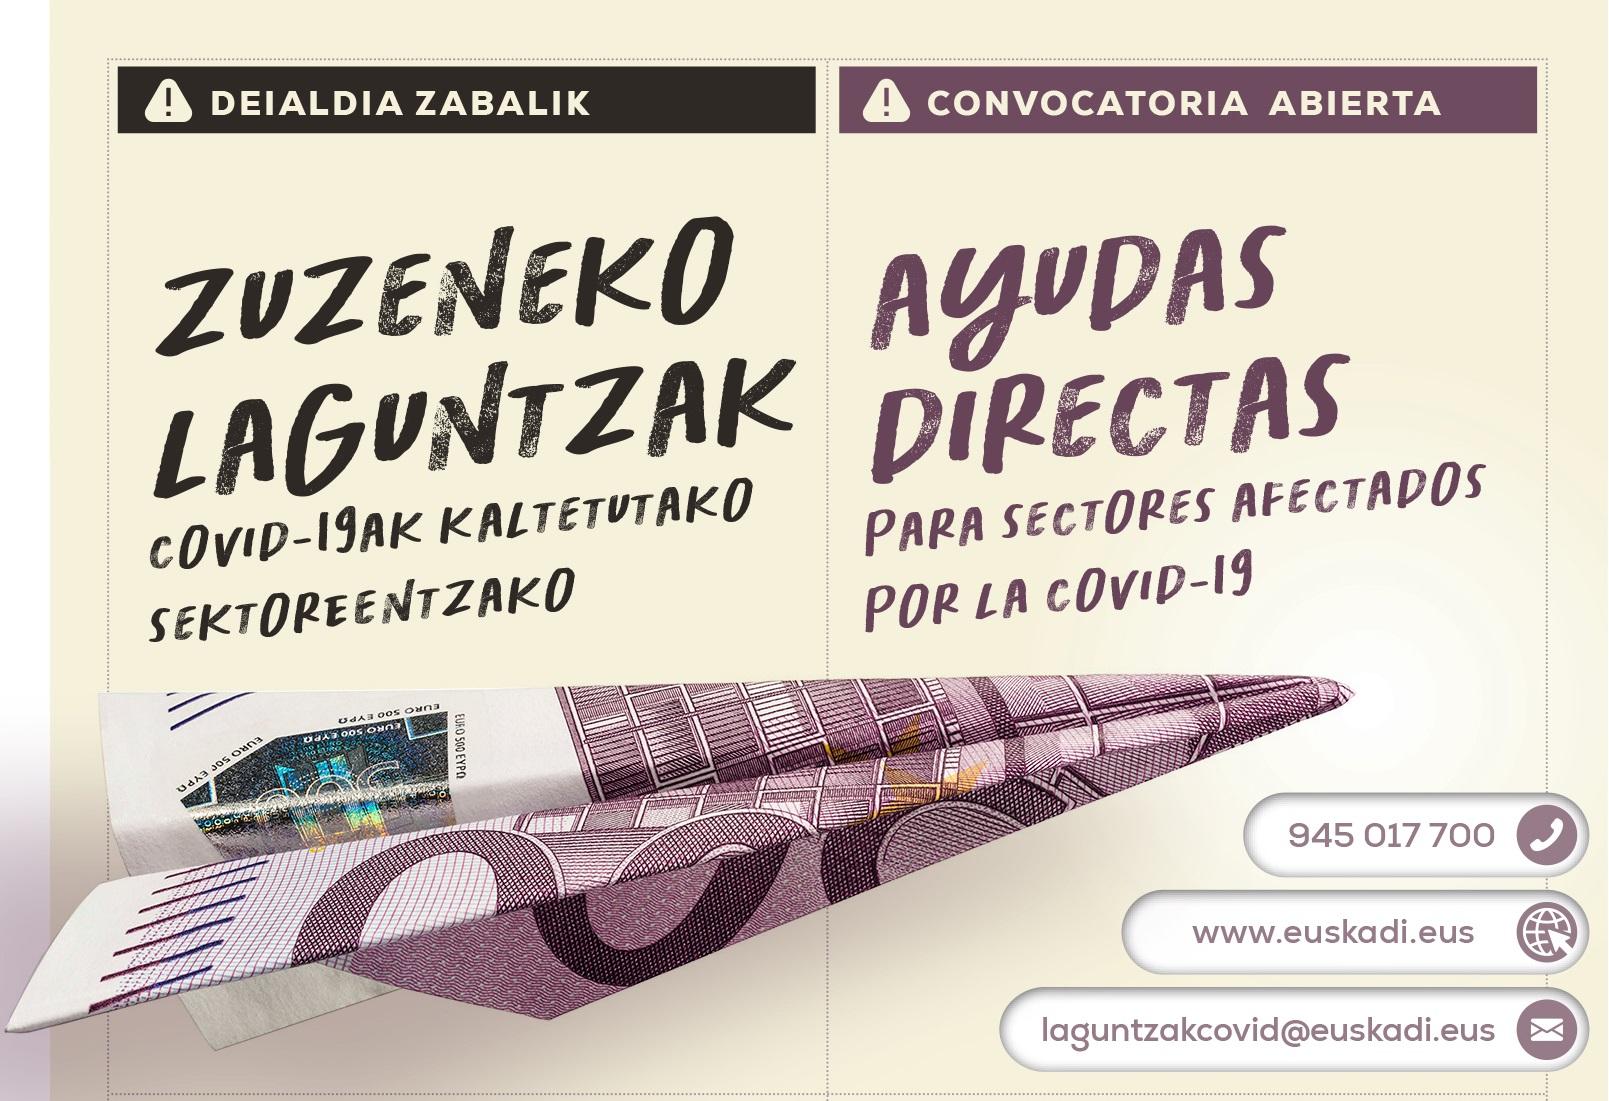 Irekia_ayudas_directas.jpg